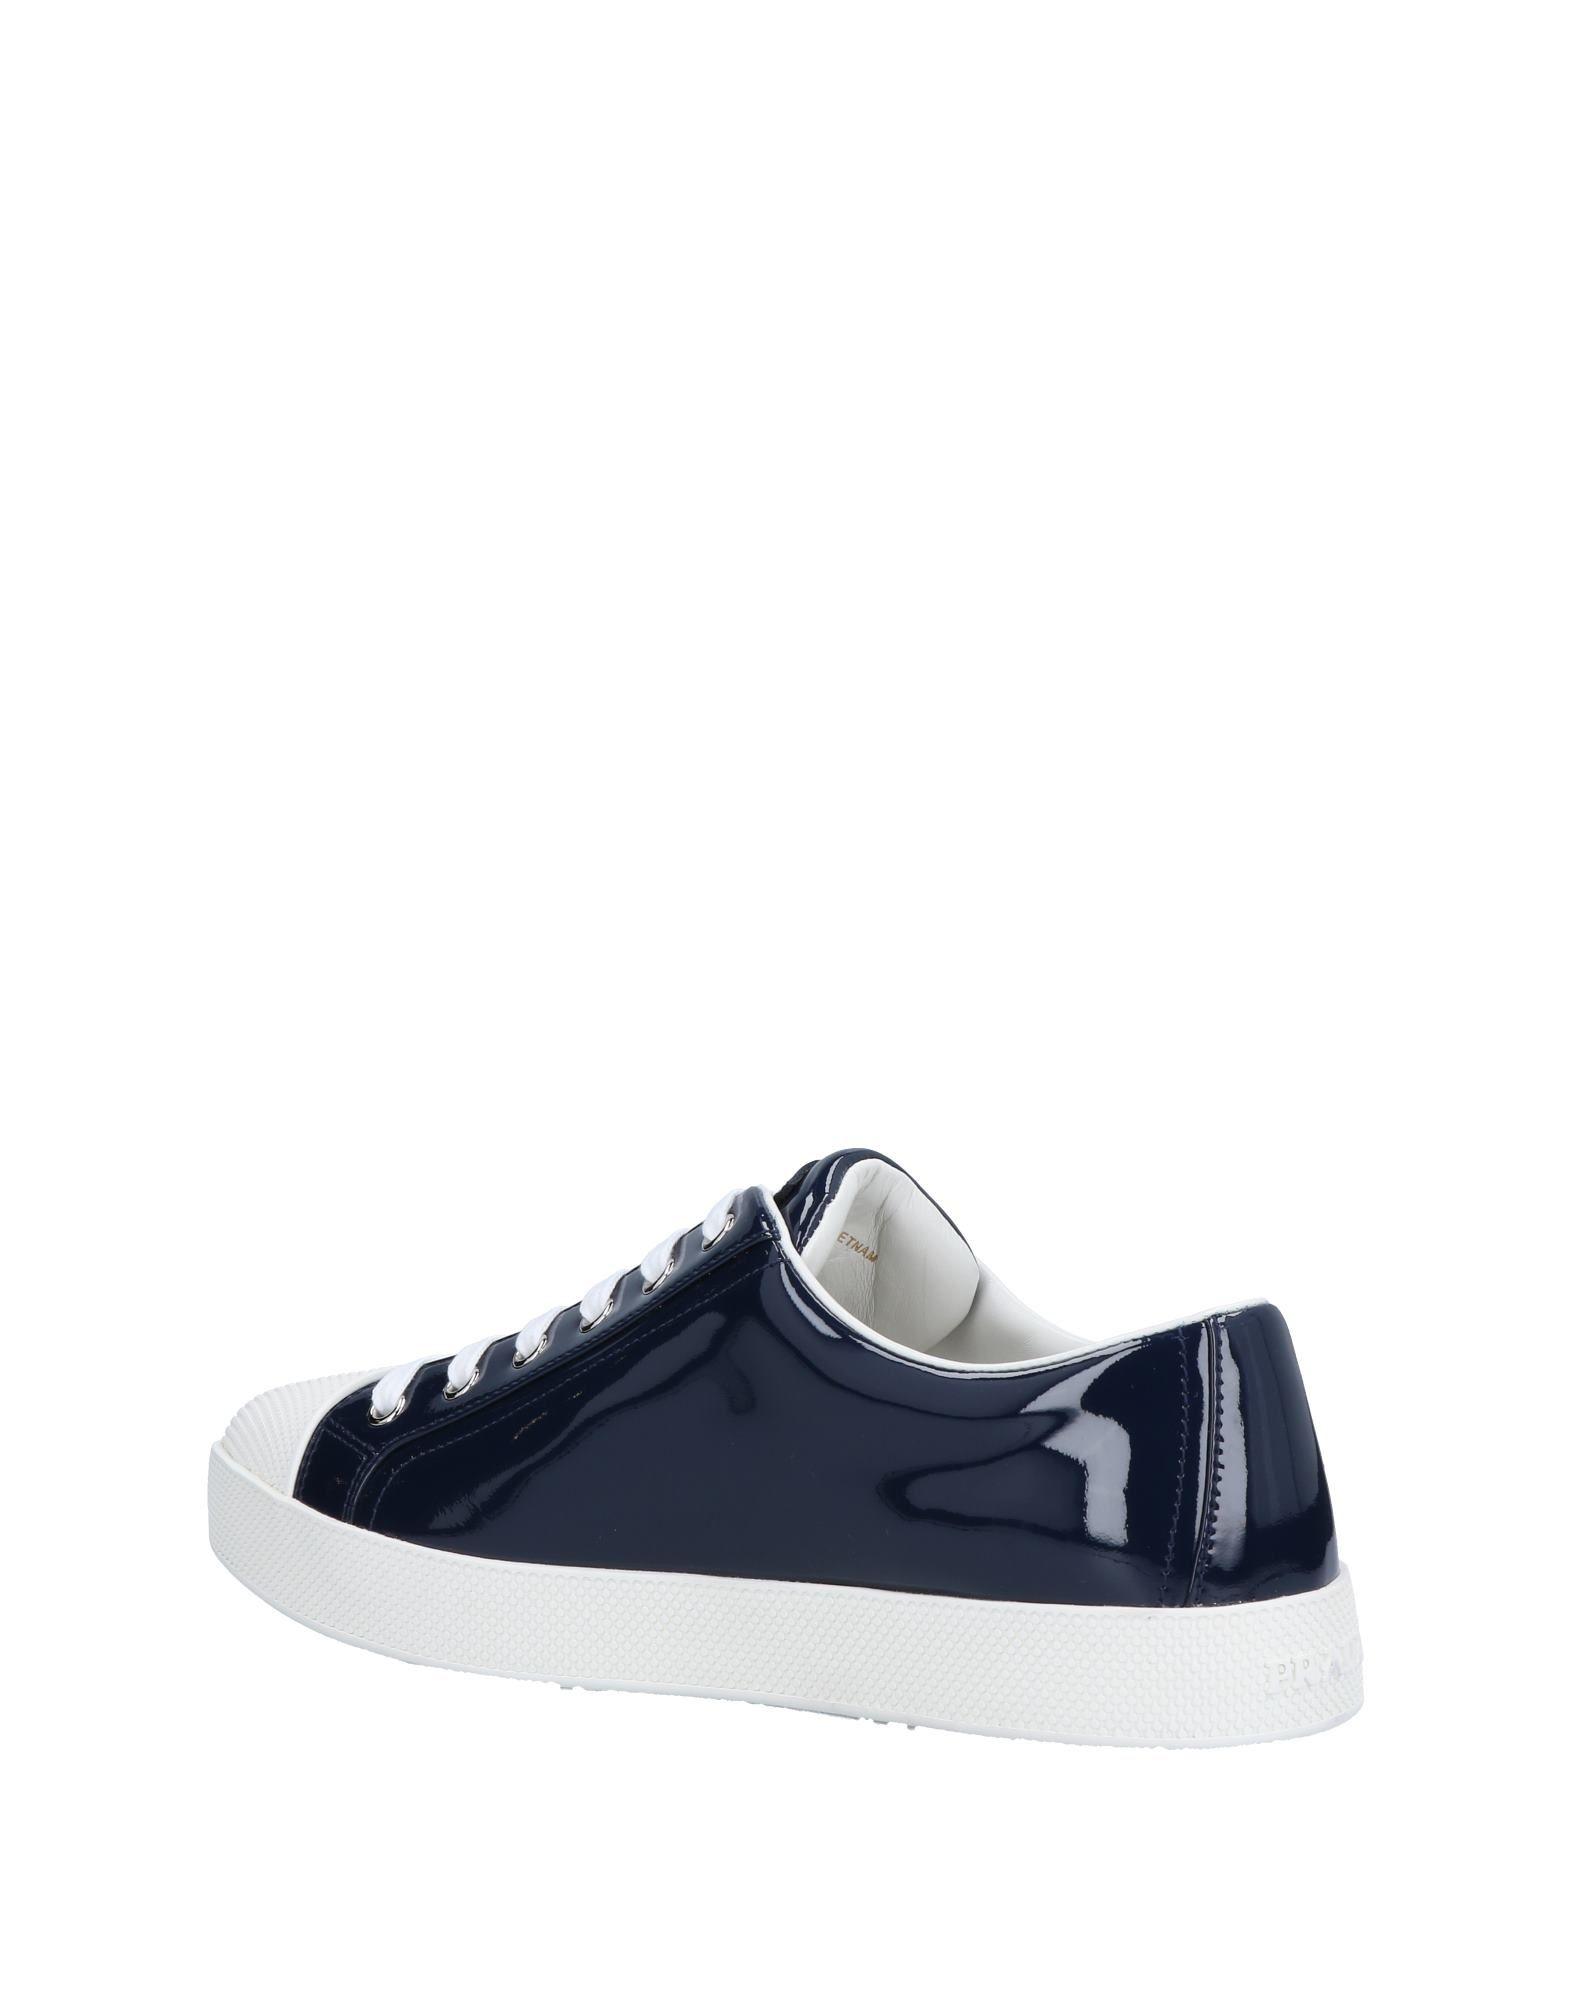 Prada 11294269LMGünstige Sport Sneakers Damen  11294269LMGünstige Prada gut aussehende Schuhe 278530